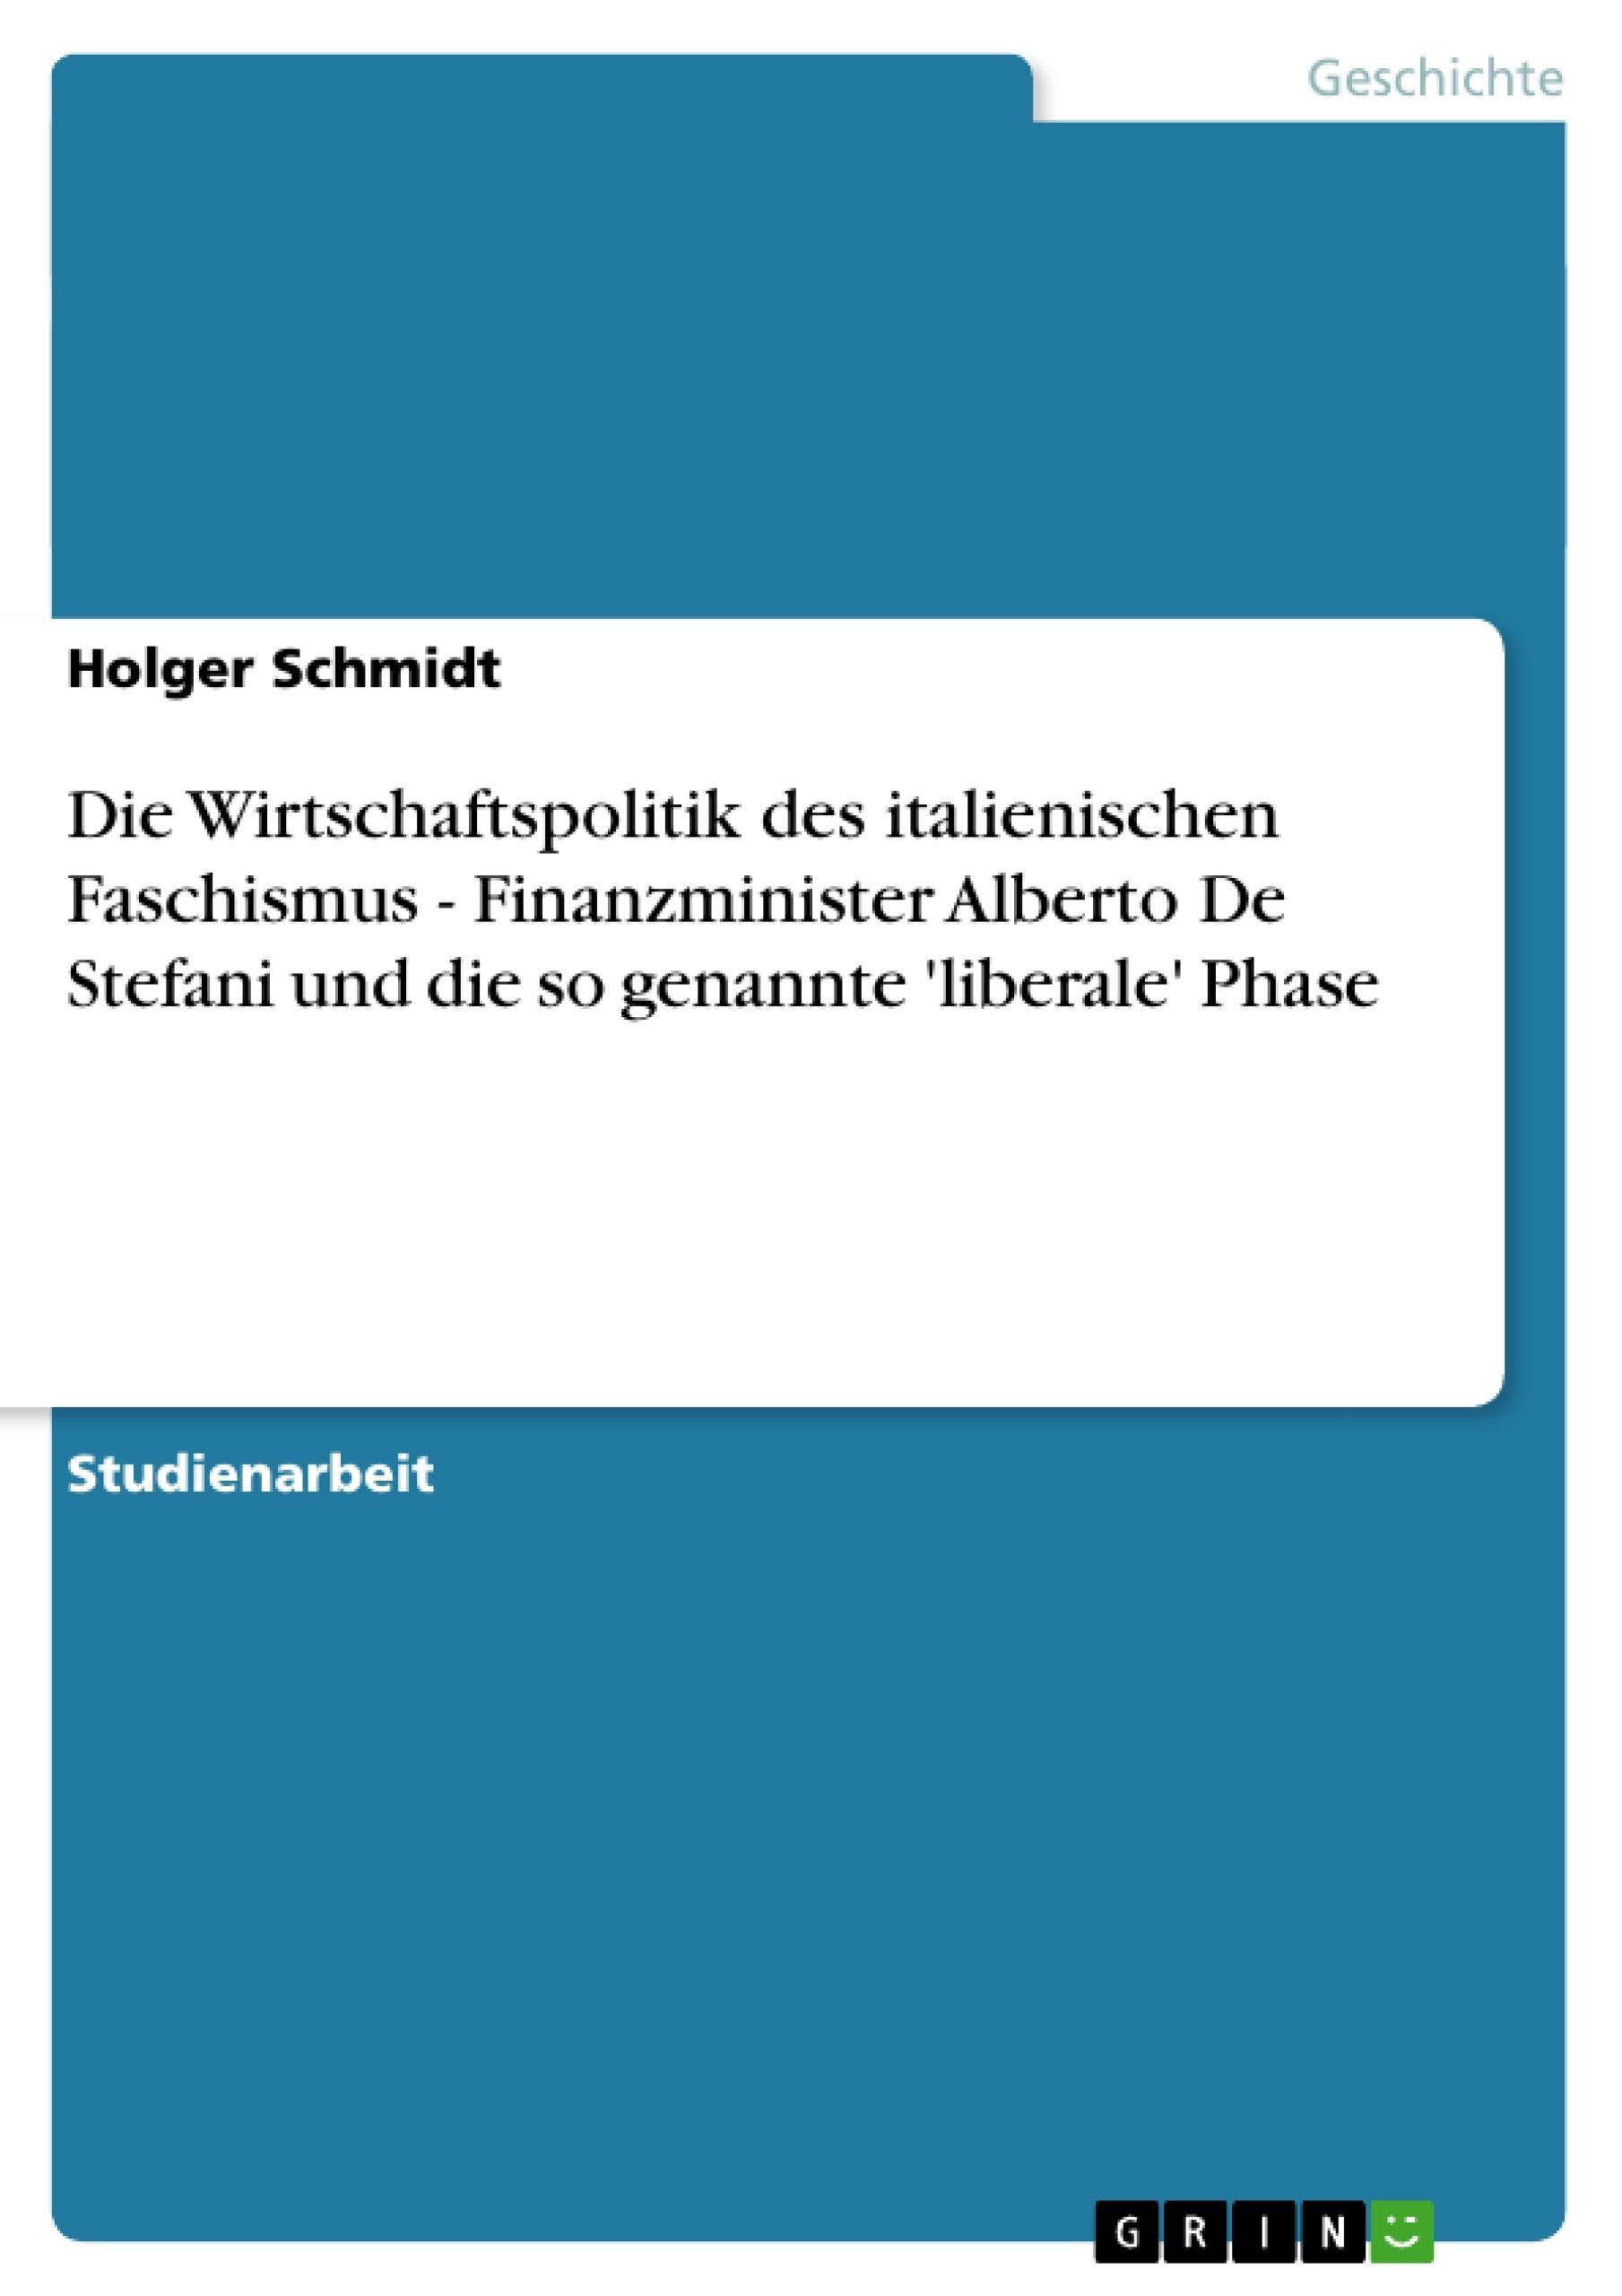 Titel: Die Wirtschaftspolitik des italienischen Faschismus - Finanzminister Alberto De Stefani und die so genannte 'liberale' Phase